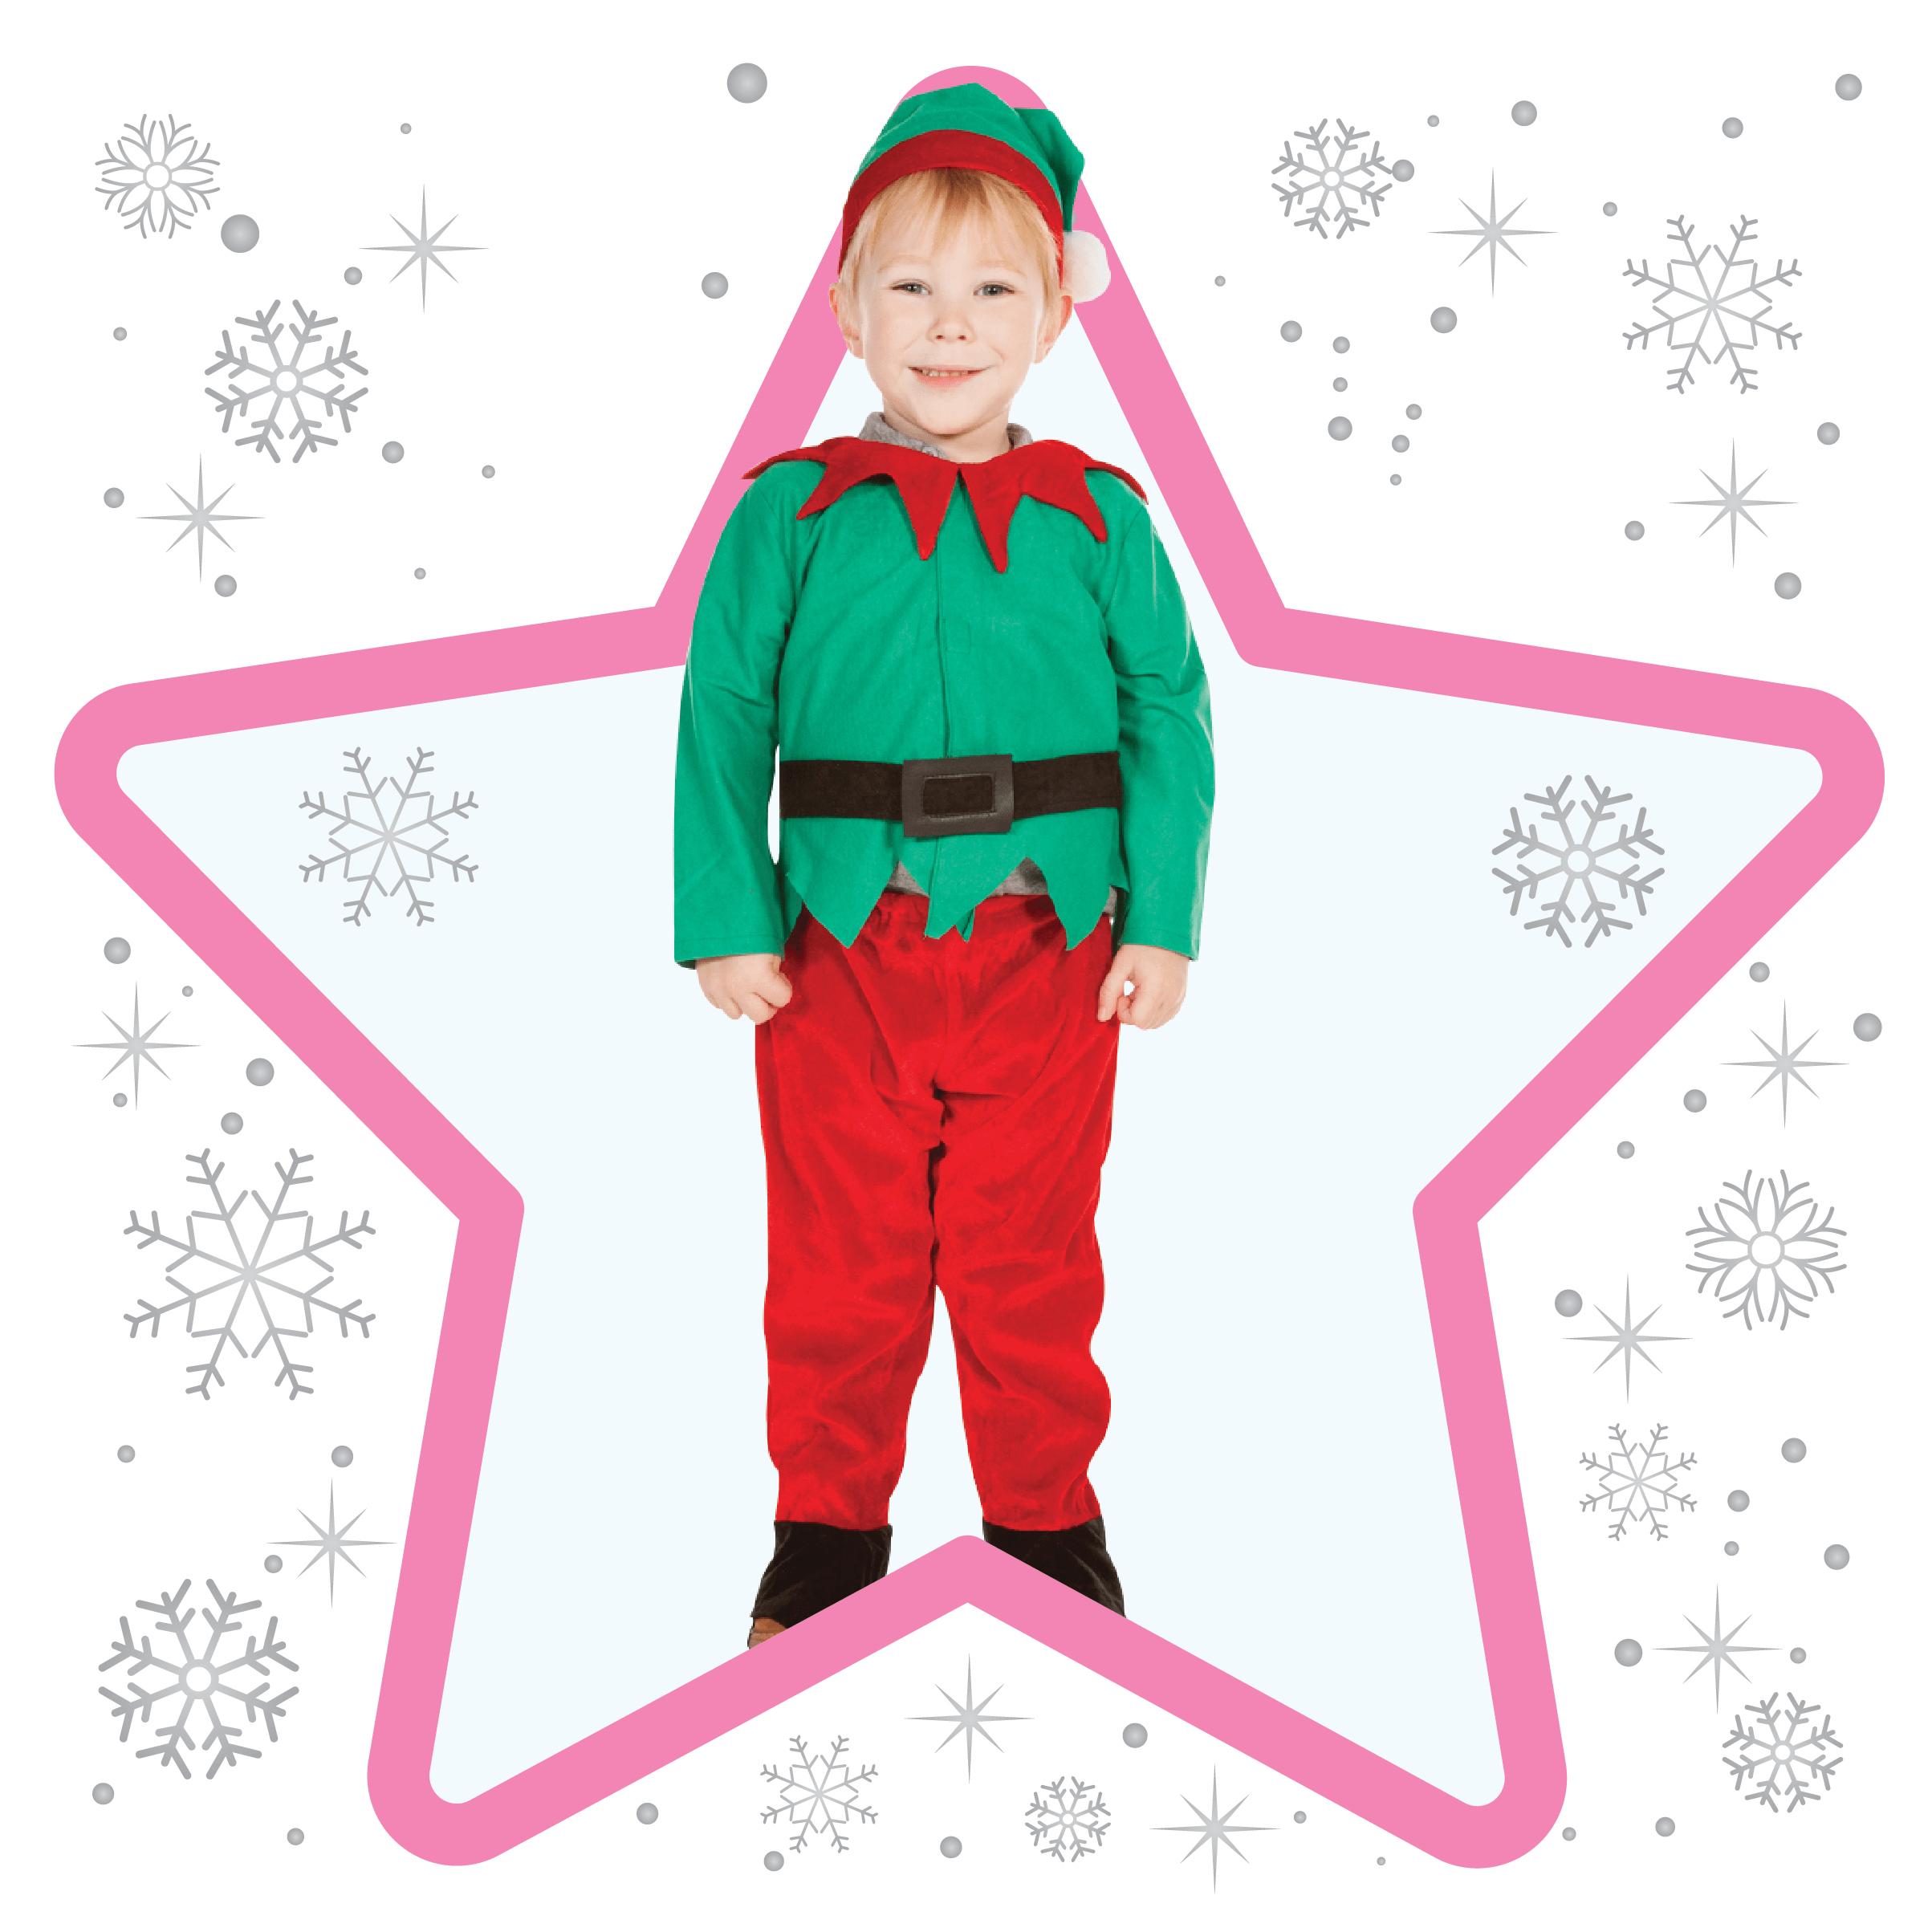 ... 2407 pixels. Elf Suit Christmas present dress ...  sc 1 st  Babyballet & Elf Suit Christmas present dress up fancy dress babies boys and ...